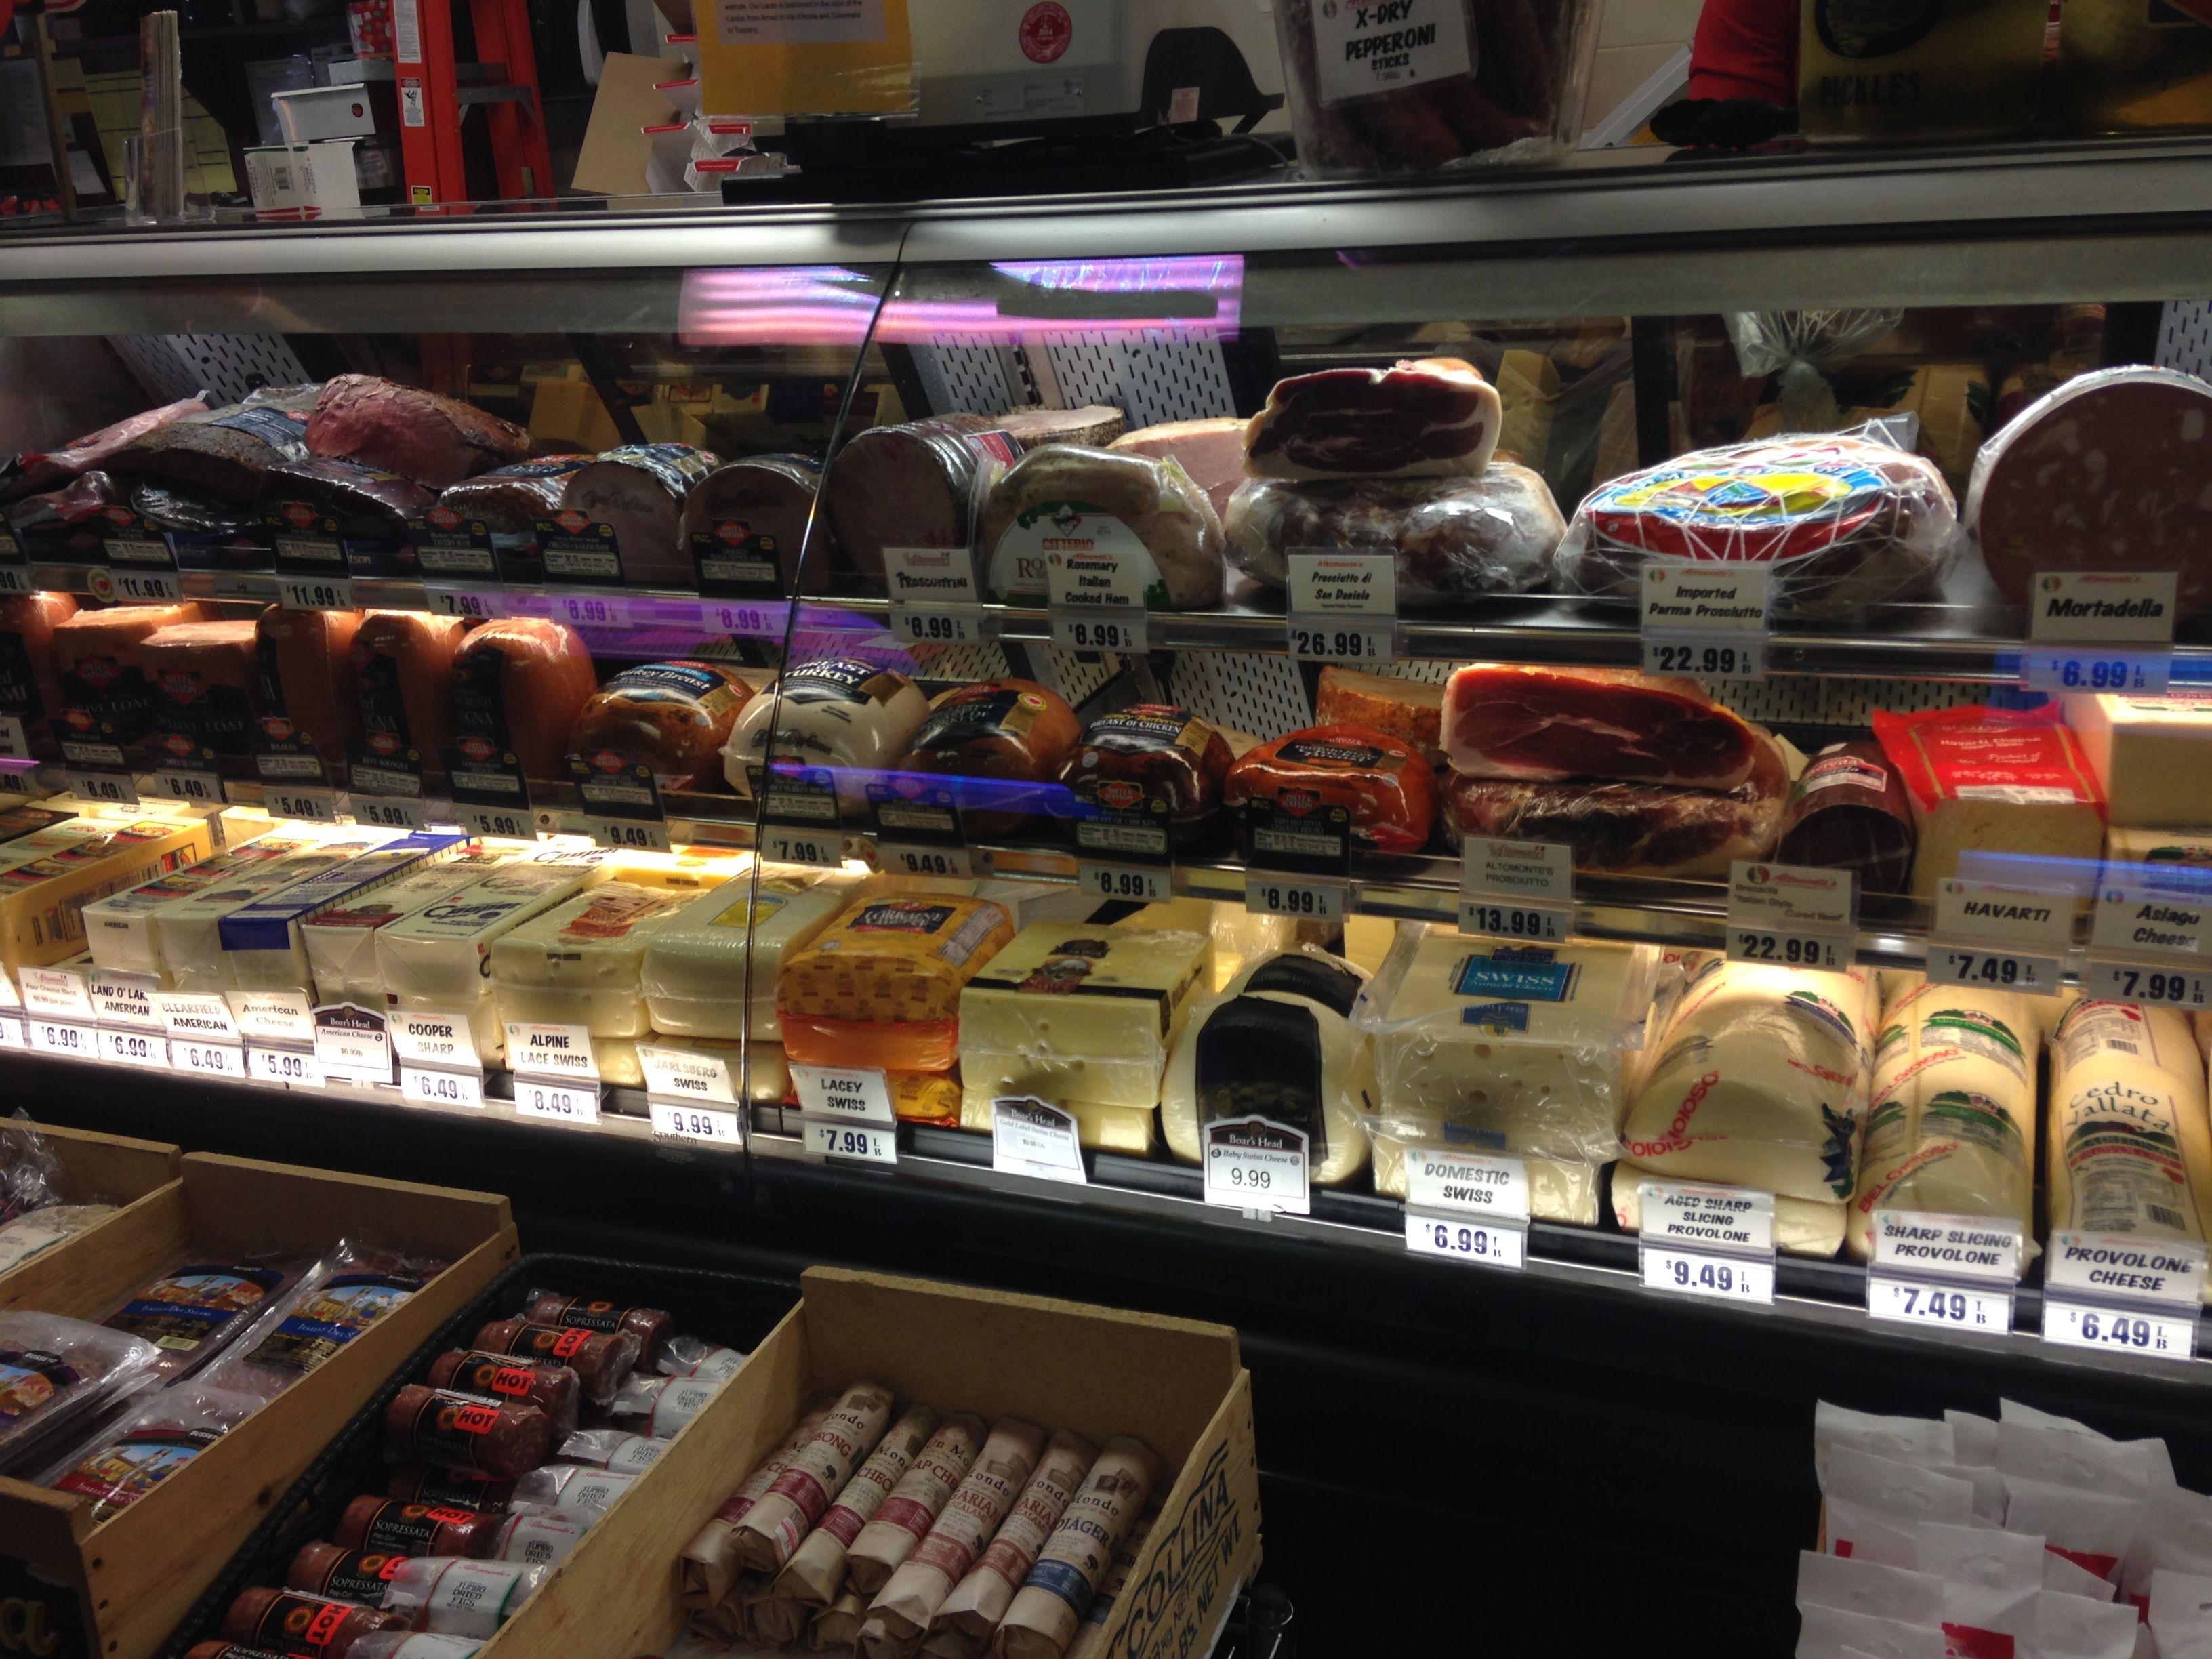 Deli meats at Altomonte's Italian Market